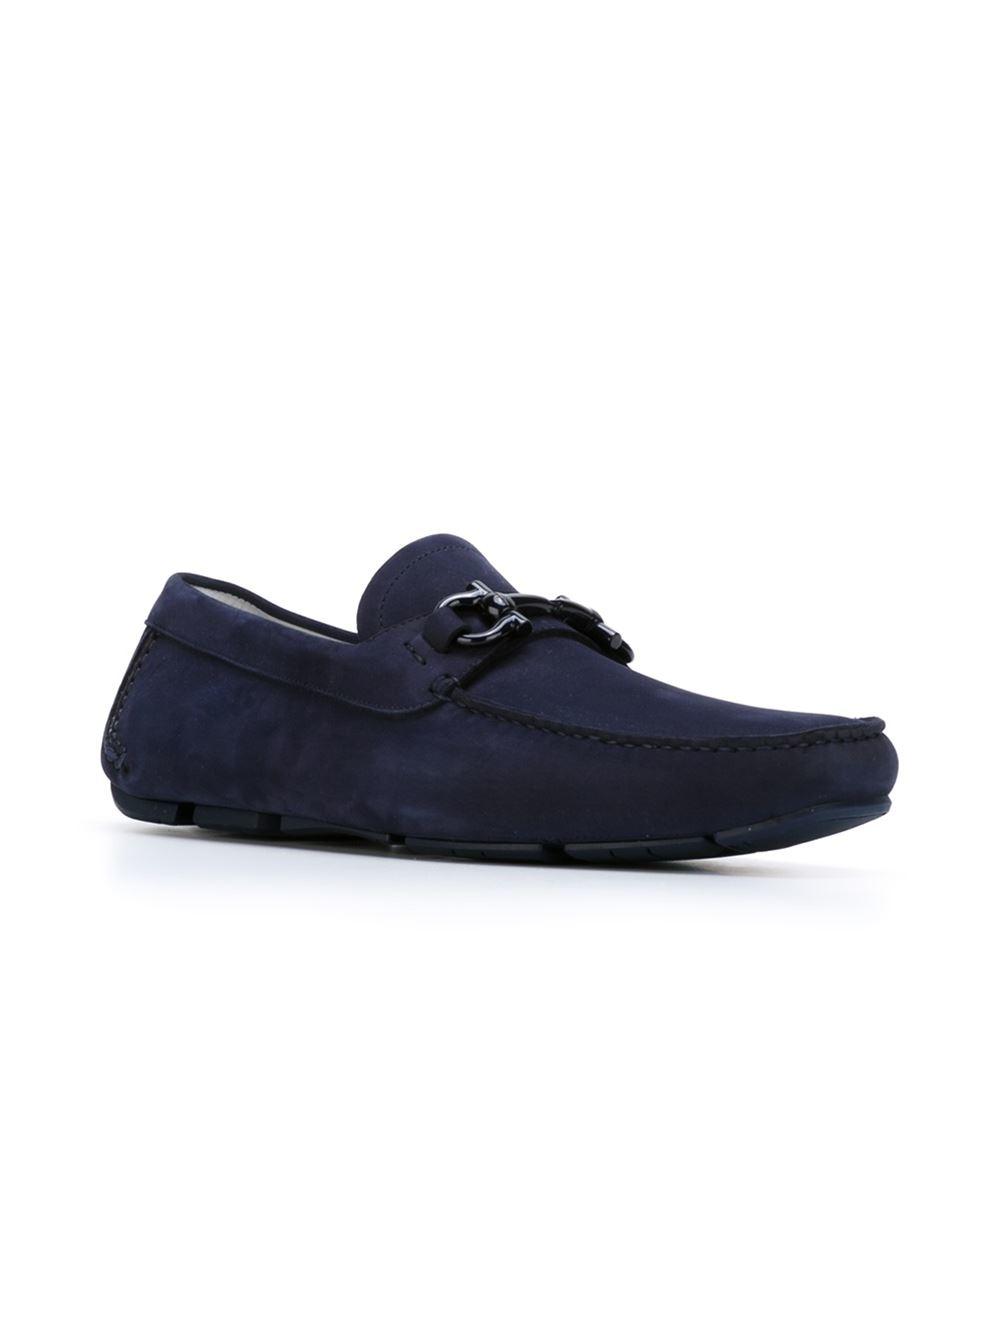 Ferragamo Driving Shoes Sale